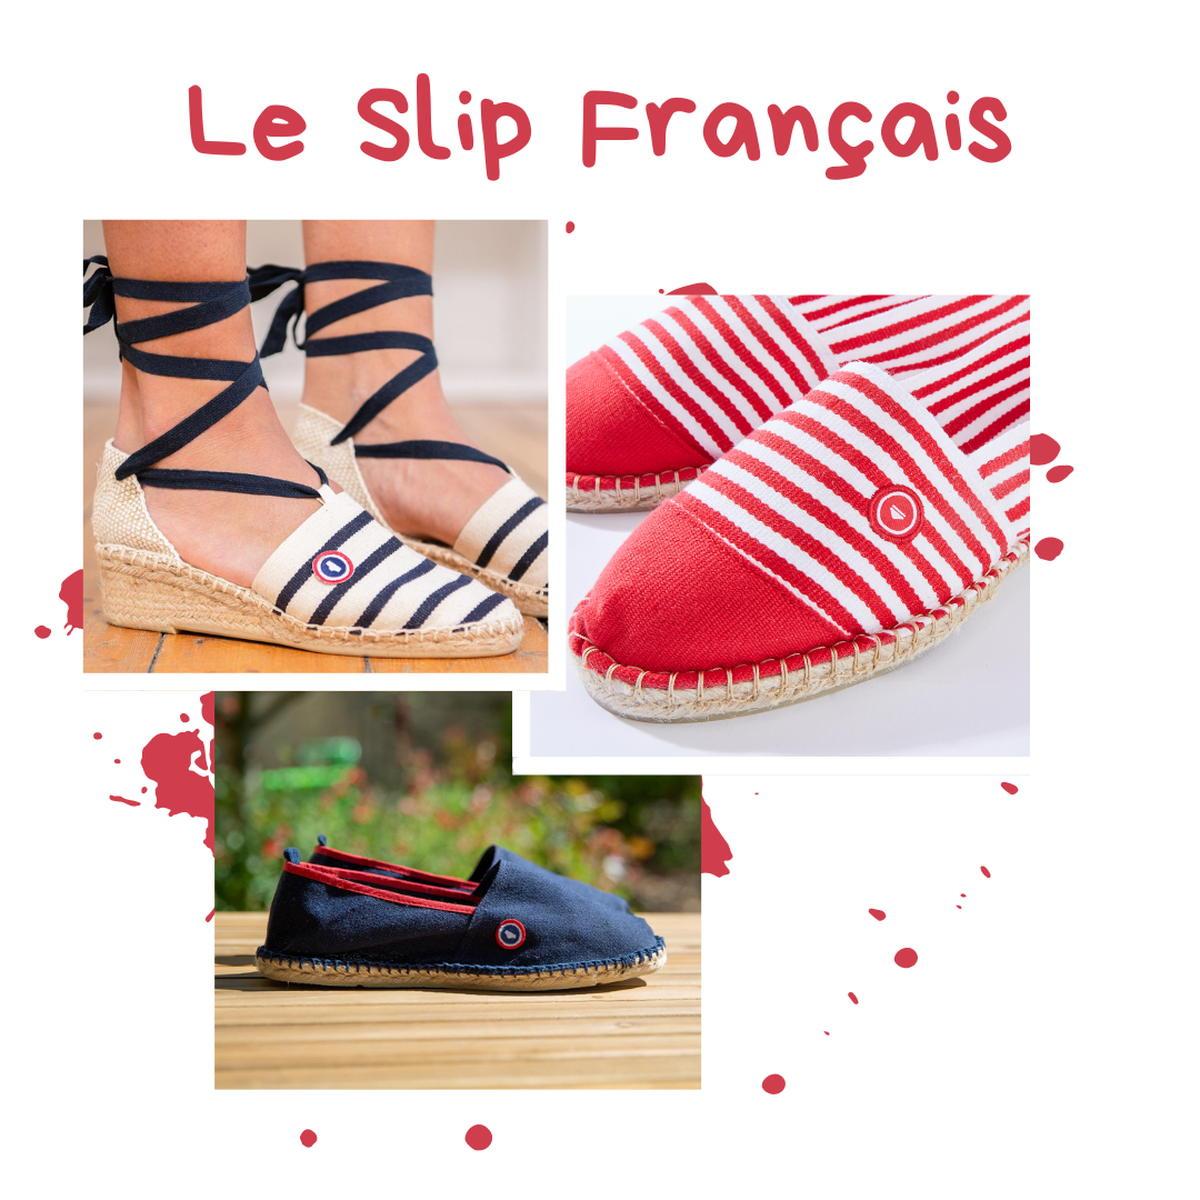 Le Slip Français - Espadrilles - rouges à rayures - bleu marine -blanches à rayures- talon compensé coton - Made in France - Mauléon